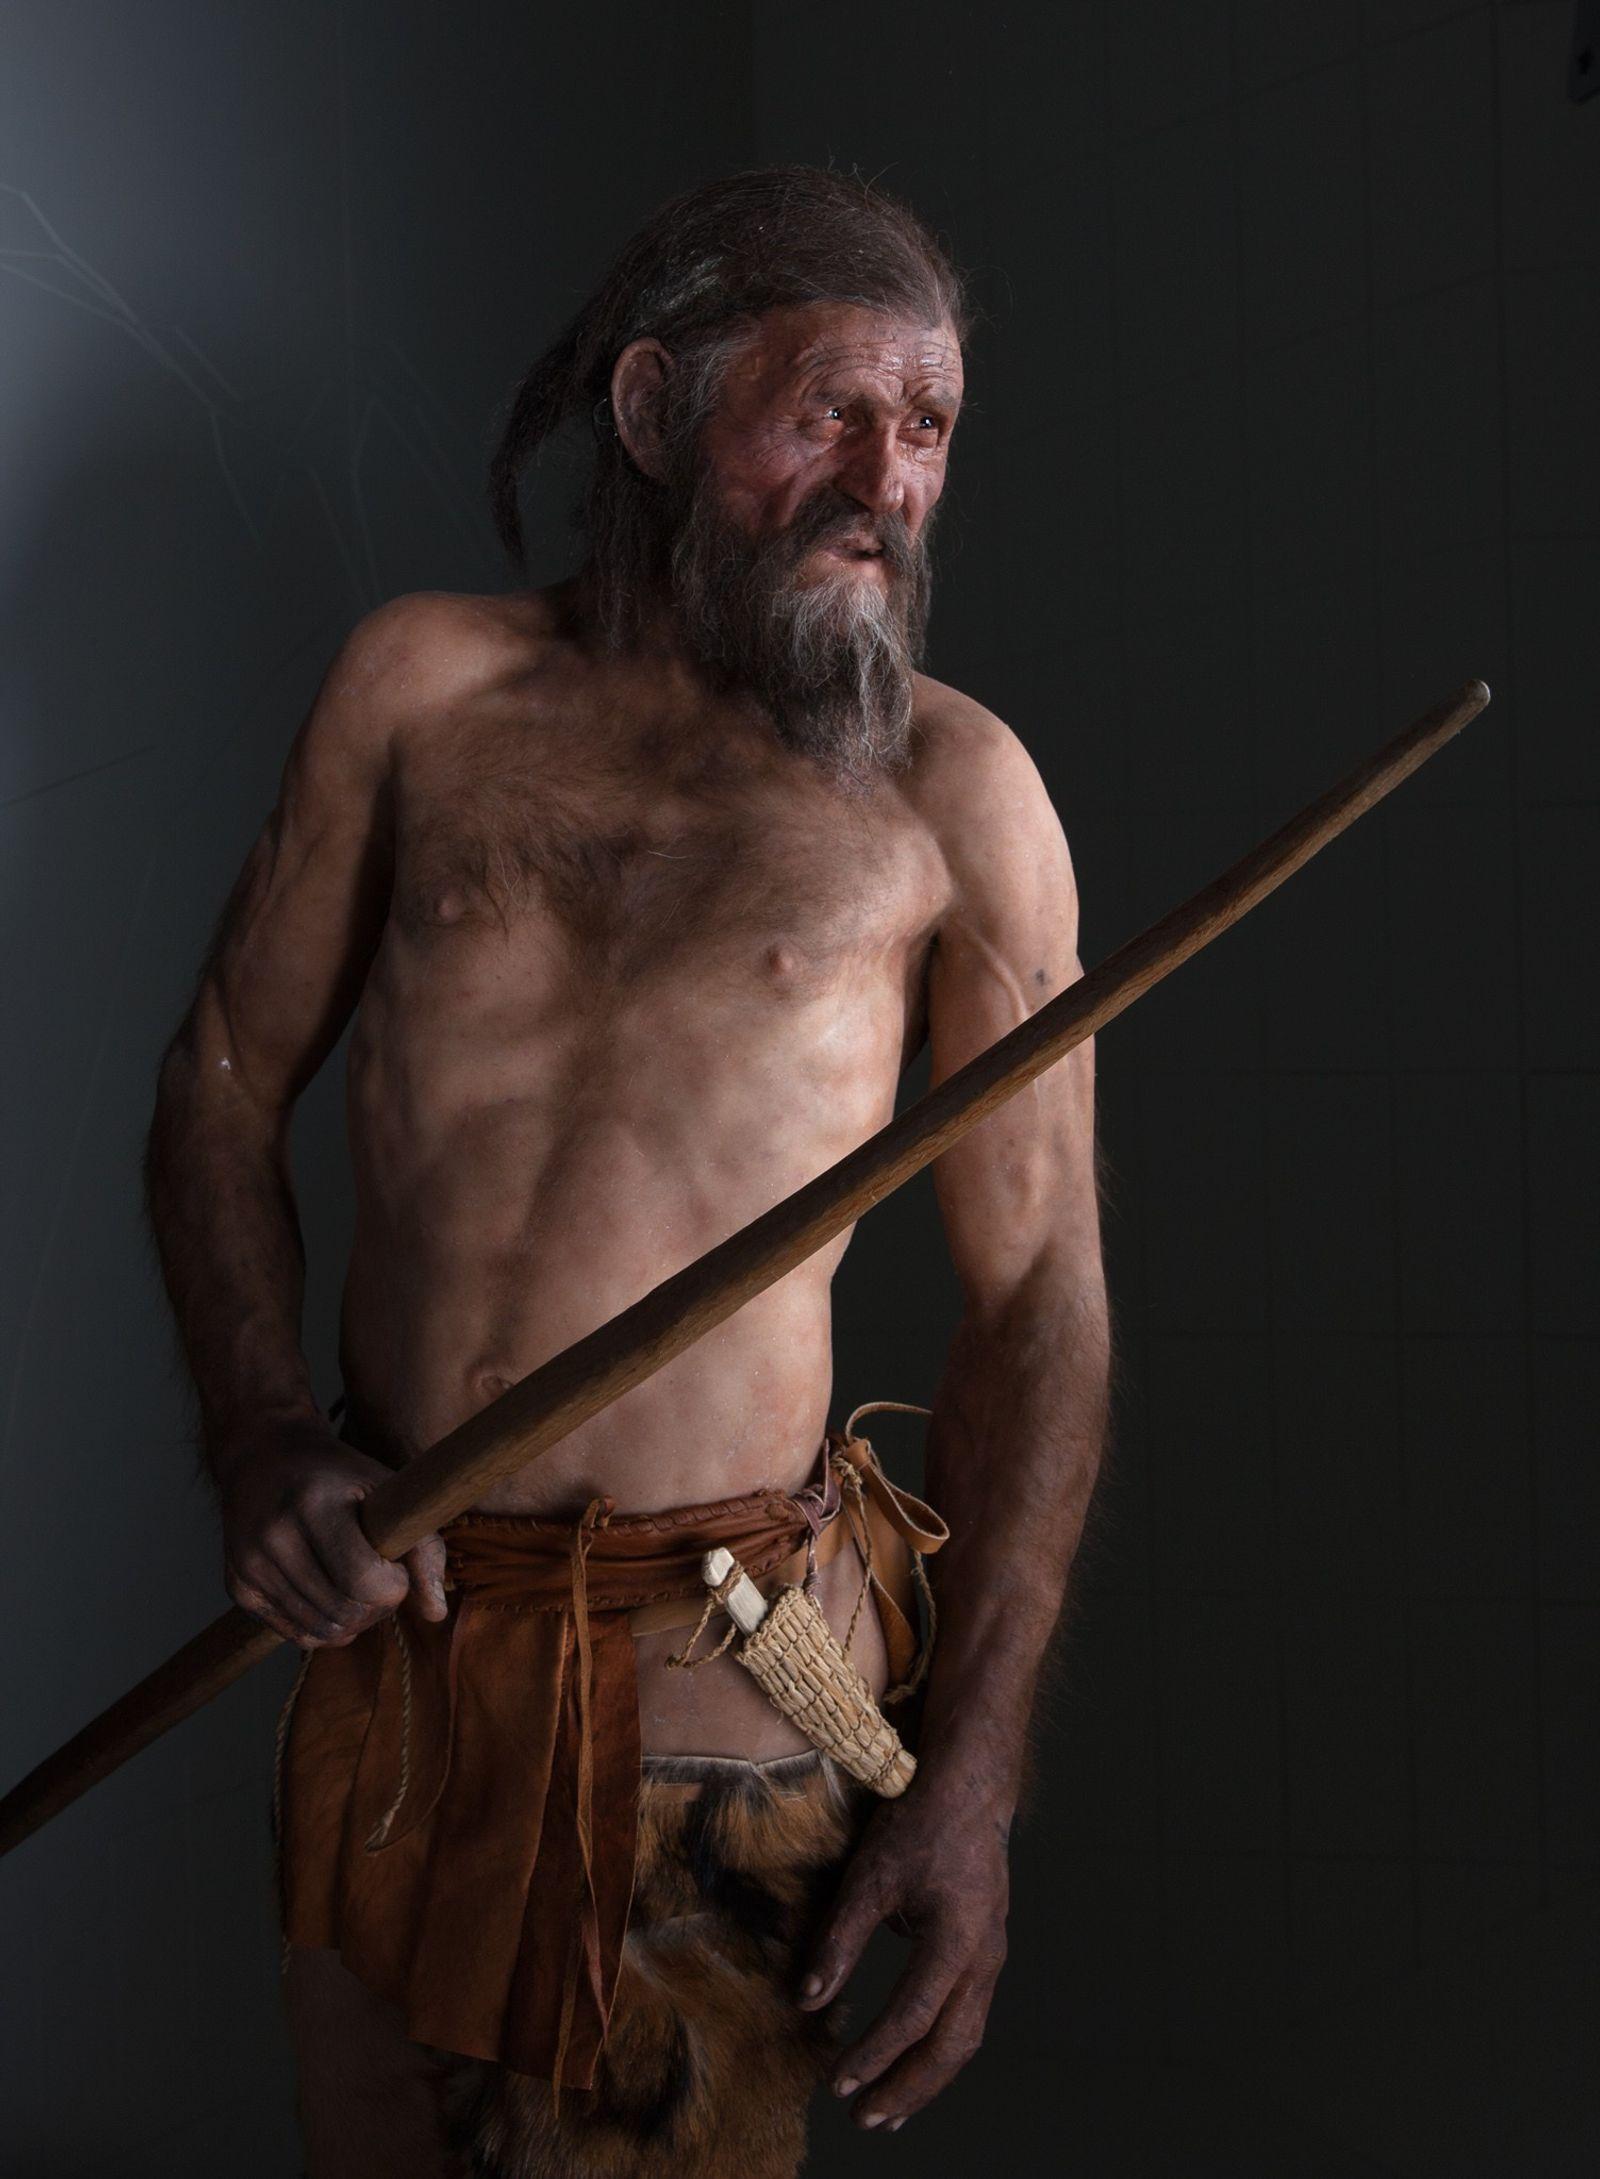 Modèle à taille humaine d'Ötzi, l'Homme des glaces.